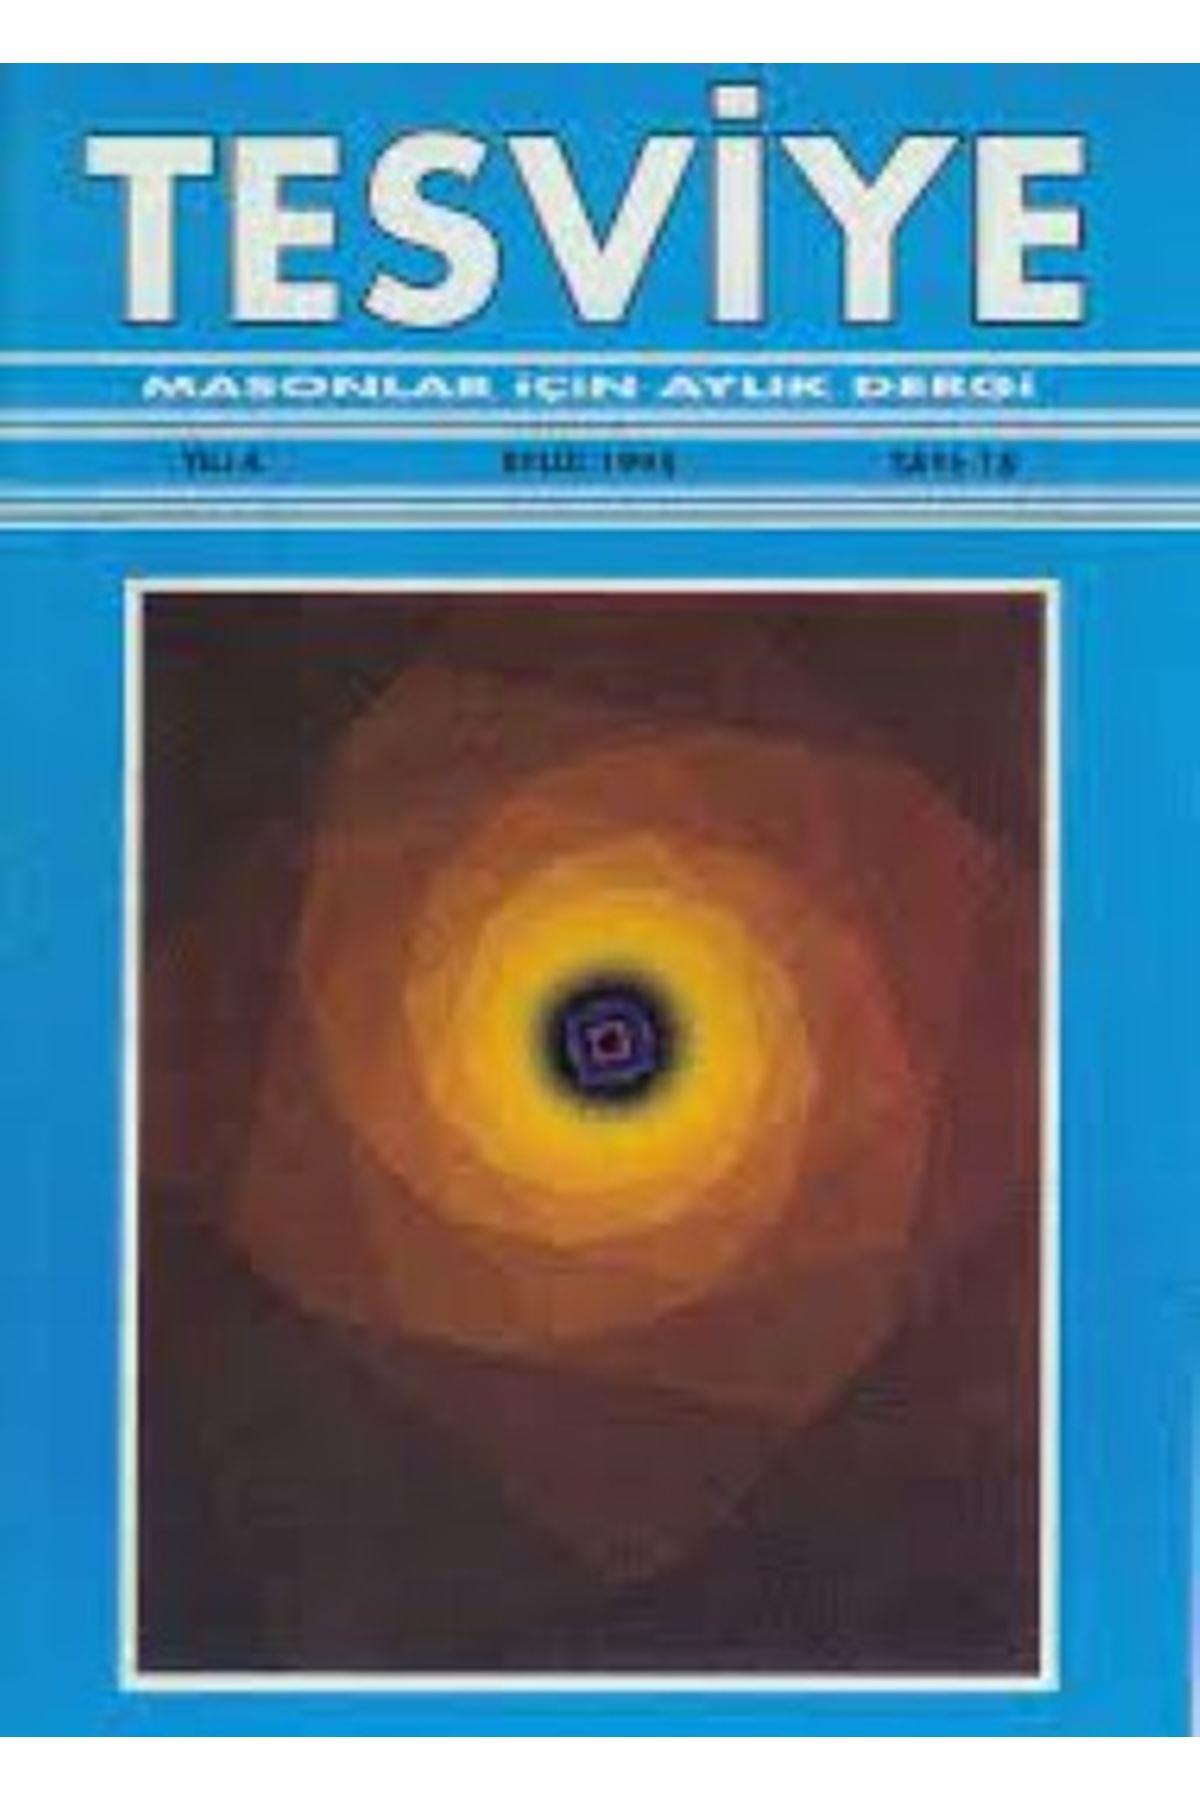 TESVİYE MASONLAR İÇİN AYLIK DERGİ EYLÜL 1995